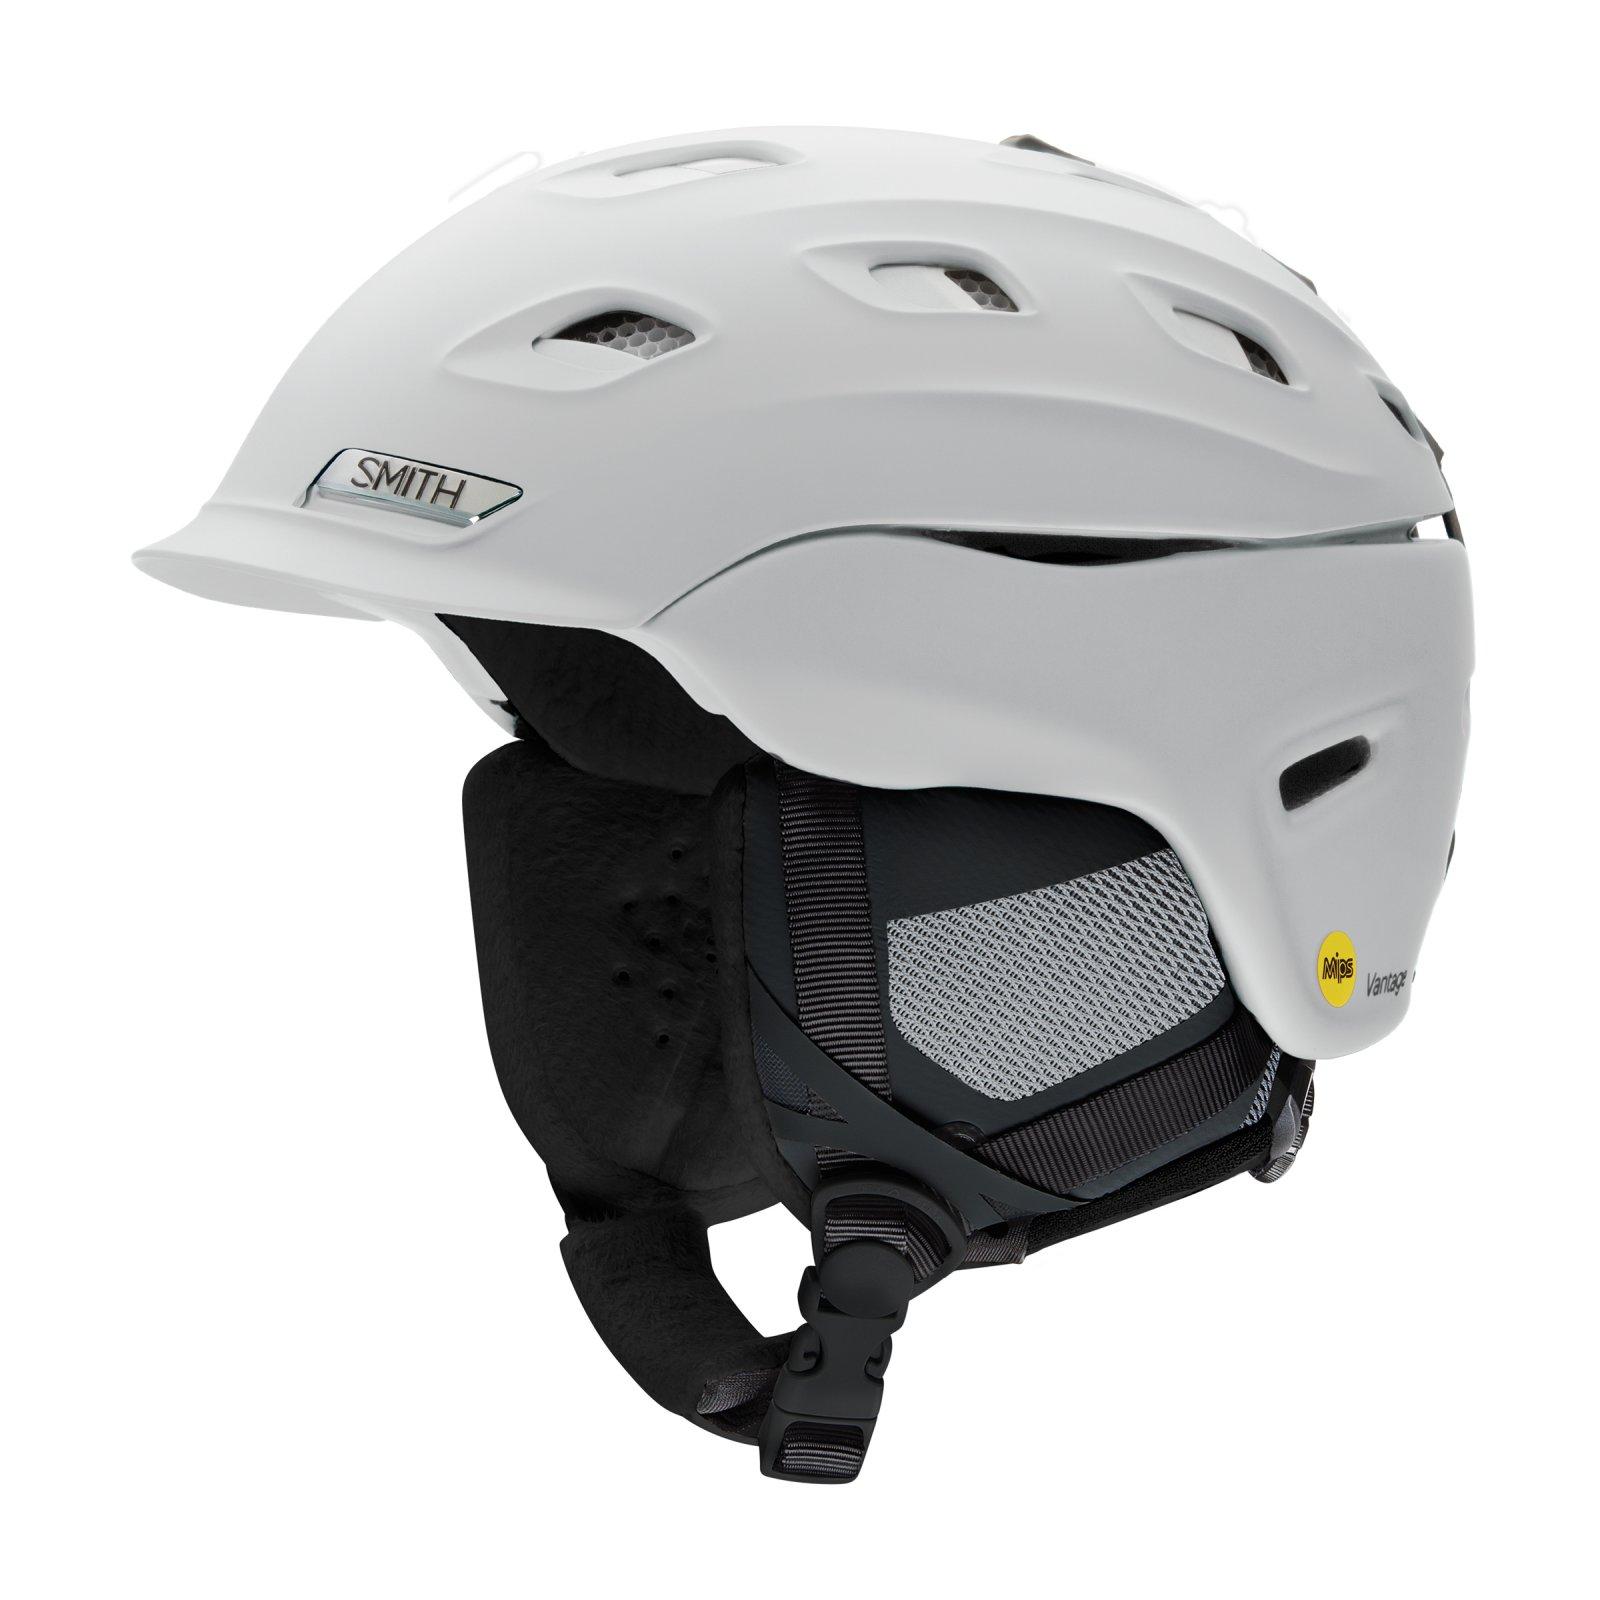 2021 Smith Vantage MIPS Women's Helmet